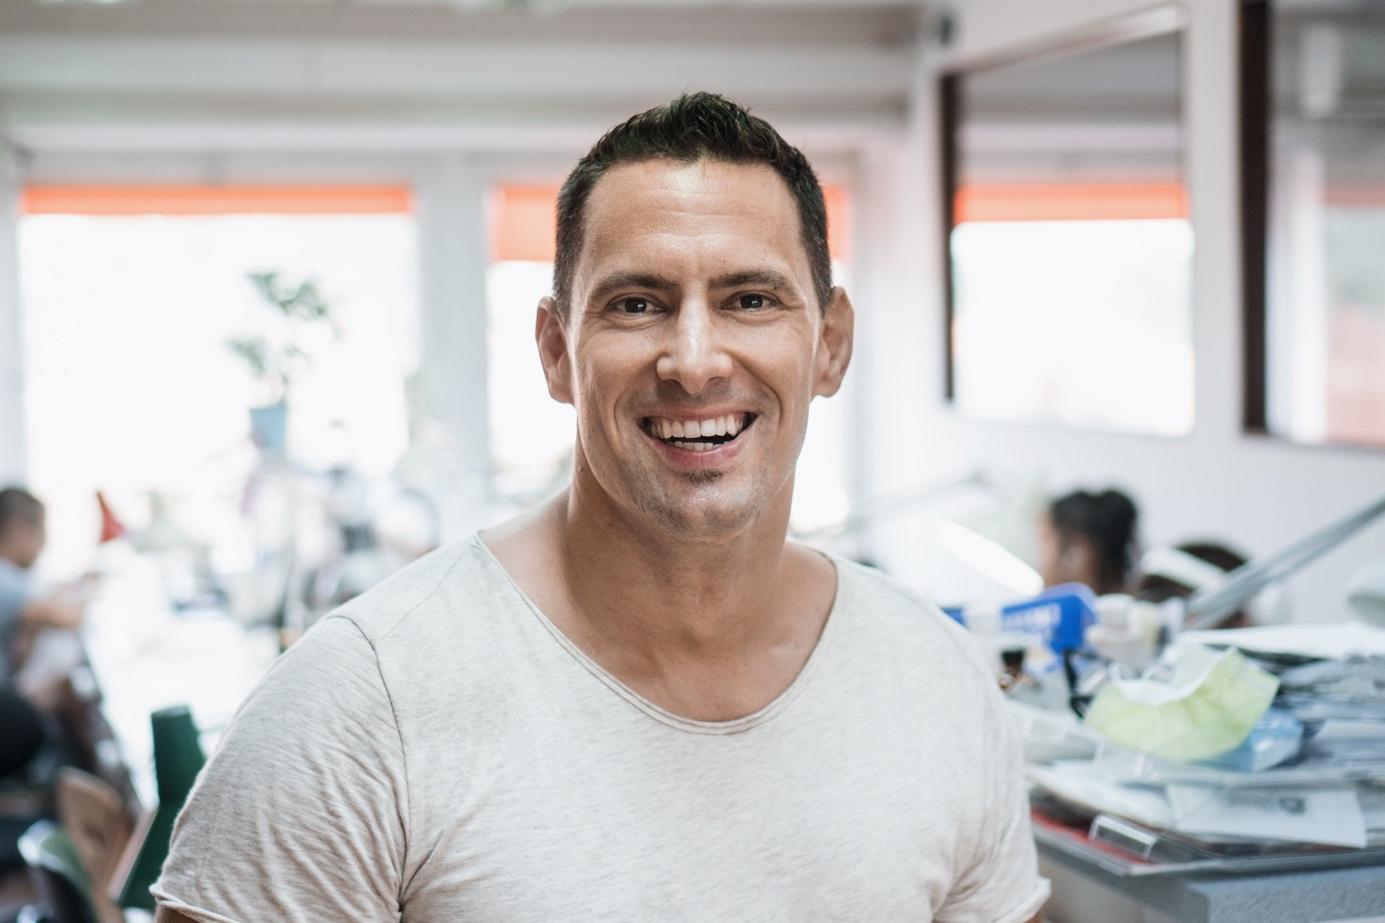 """""""Kell motiváció, szakmai alázat, és hogy el akarjon mélyülni ebben a szakmában"""" – fogtechnikusképzés külső laborban"""